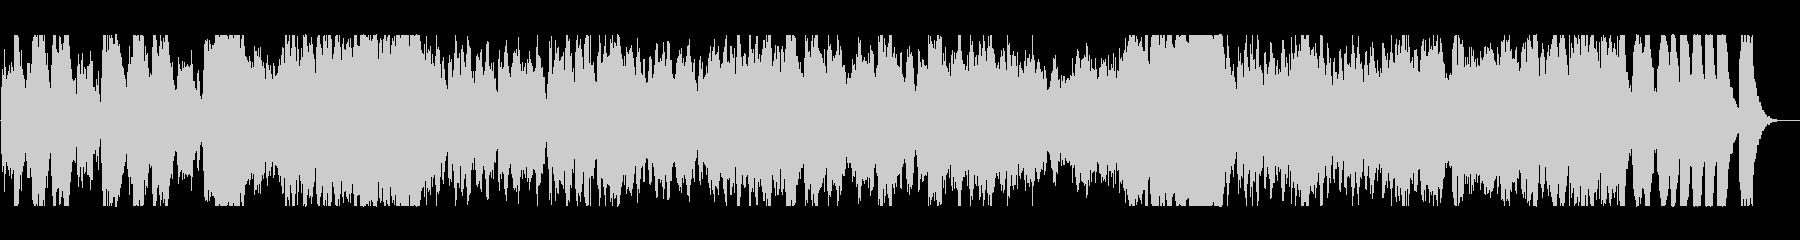 ファンタジーな勢いのある弦楽器・管楽器曲の未再生の波形